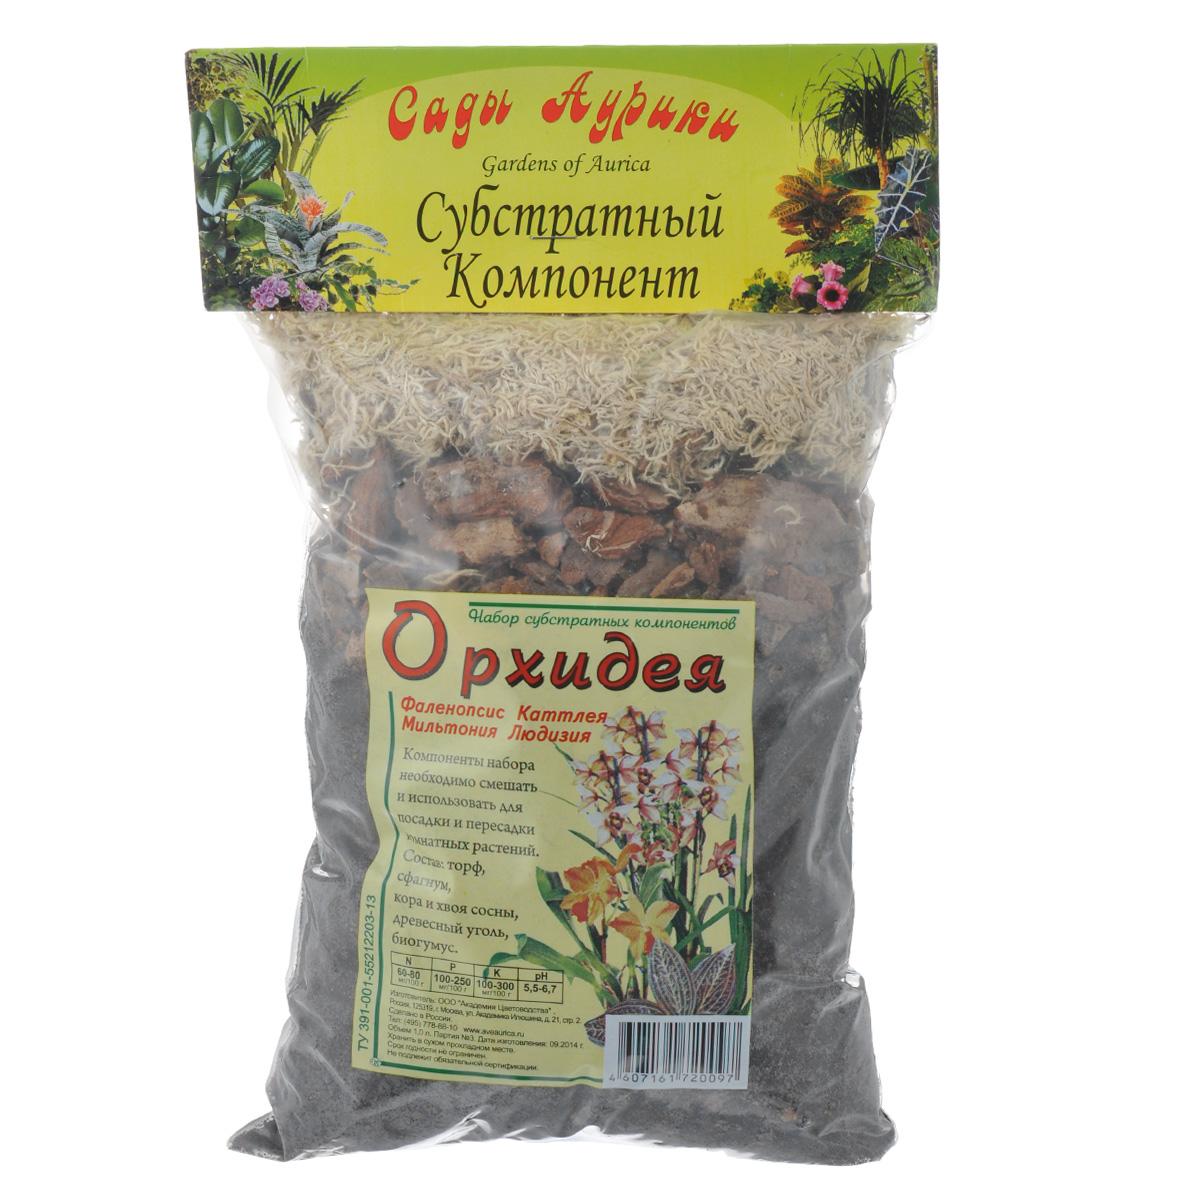 Набор субстратных компонентов Орхидея, 1 л9640Субстратные компоненты применяются для составления субстратов и повышения качества готовых почвенных смесей используемых для выращивания различных групп комнатных растений. В состав субстрата Орхидея входит: - Торф - этот легкий компонент почвосмеси обладает хорошей водопроницаемостью, воздухопроницаемостью и рыхлостью. В нем содержится более 5% полезных питательных веществ. Собирают его на низинных моховых болотах, и только после специальной обработки он попадает в субстрат. Обычный черный торф не обладает такими способностями: он слеживается, что ухудшает дренажность и аэративность грунта. - Мох-сфагнум также проходит специальную термическую обработку. Он помогает субстрату удерживать влагу и полезные вещества, при этом грунт становится рыхлым и легким. - Кора сосны, собранная из сухостоя или валежника и хвоя из нижних слоев подстилки, помогает правильному структурированию почвосмеси, повышая его воздухо и водопроницаемость. - Древесный уголь используют в качестве абсорбента и антисептика. Добавляют его в максимально-точном соотношении, иначе субстрат может быстро засолиться. - Биогумус - это микробиологическое удобрение, содержащее микроорганизмы, которые при внесении биогумуса в почву заселяют её, выделяют фитогормоны. Компоненты набора необходимо смешать и использовать посадки и перепосадки комнатных растений, таких как фаленопсис, каттлея, мильтония, людизия. Состав: торф, сфагнум, кора и хвоя сосны, древесный уголь, биогумус. Товар сертифицирован.